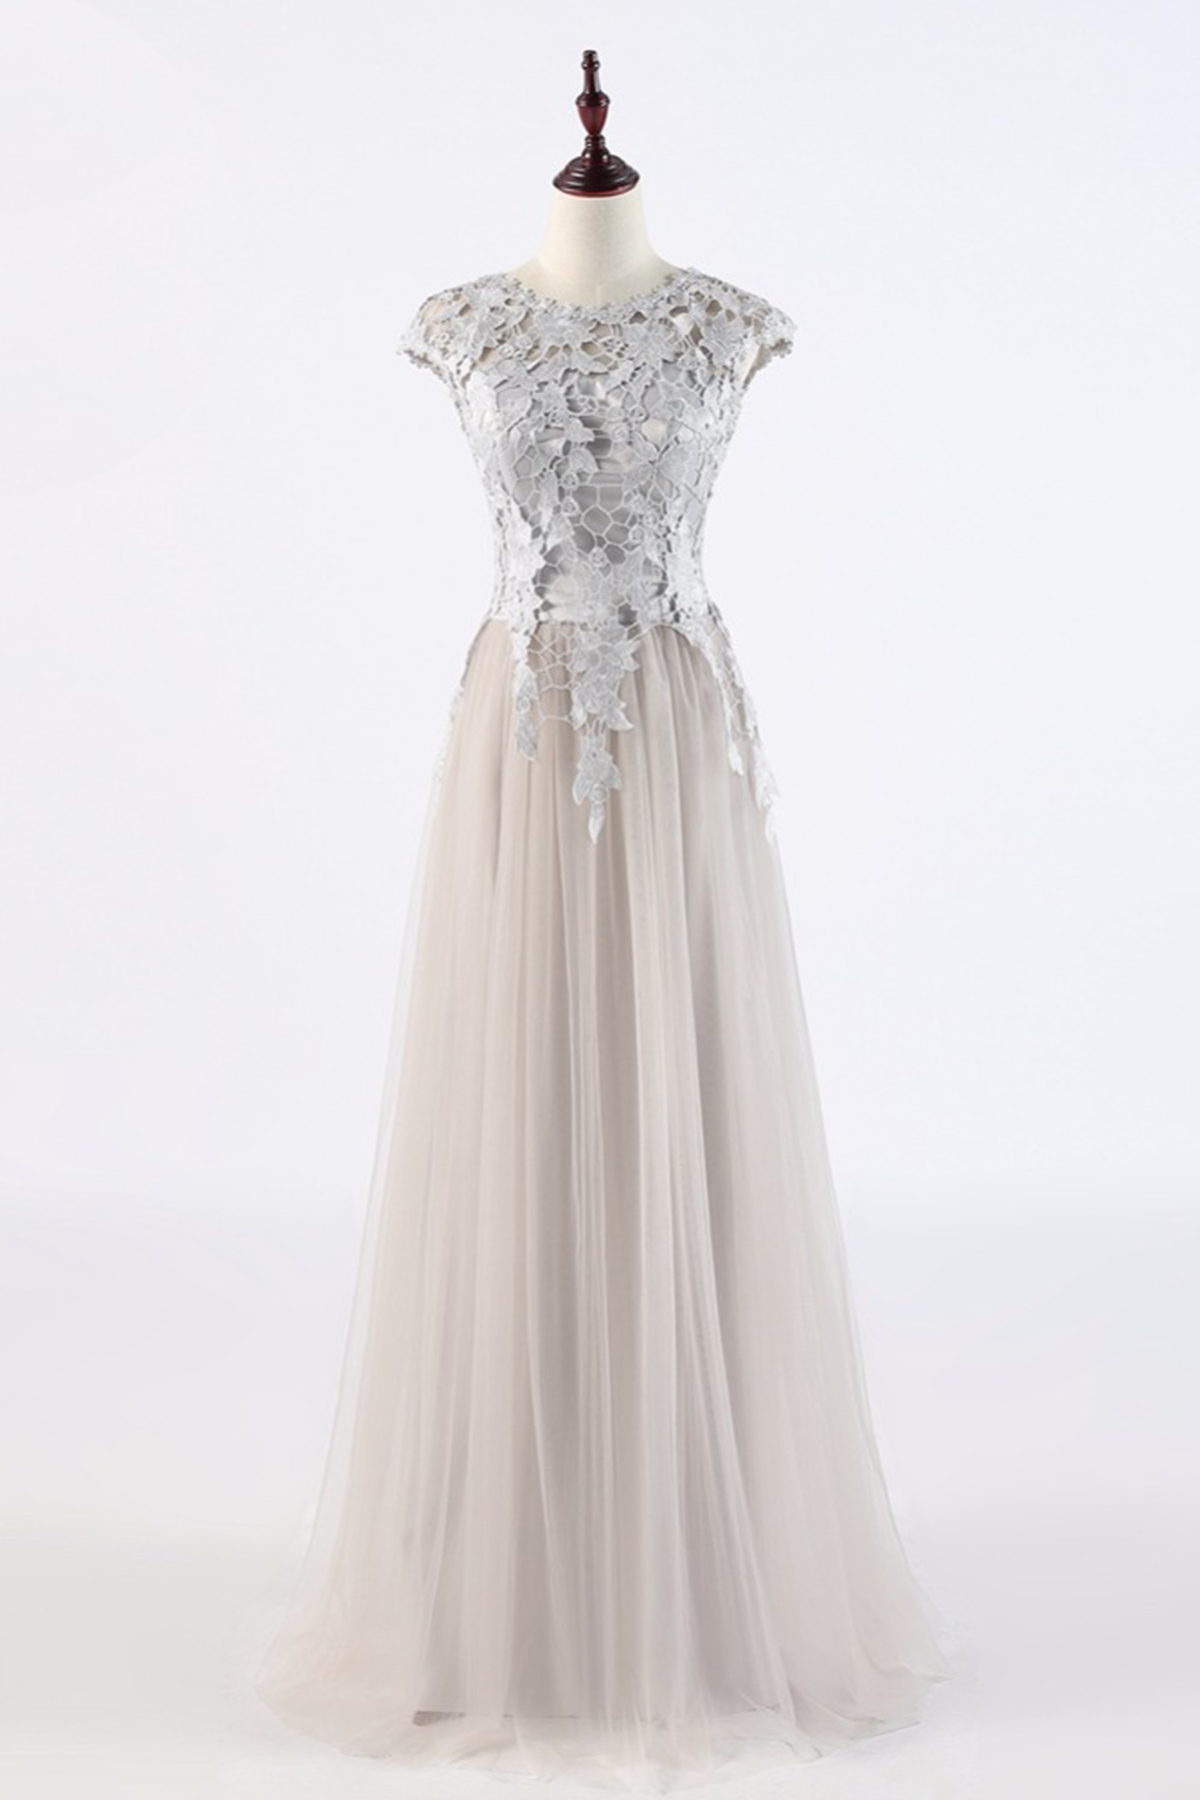 Gemütlich Noble Abendkleider Fotos - Brautkleider Ideen ...